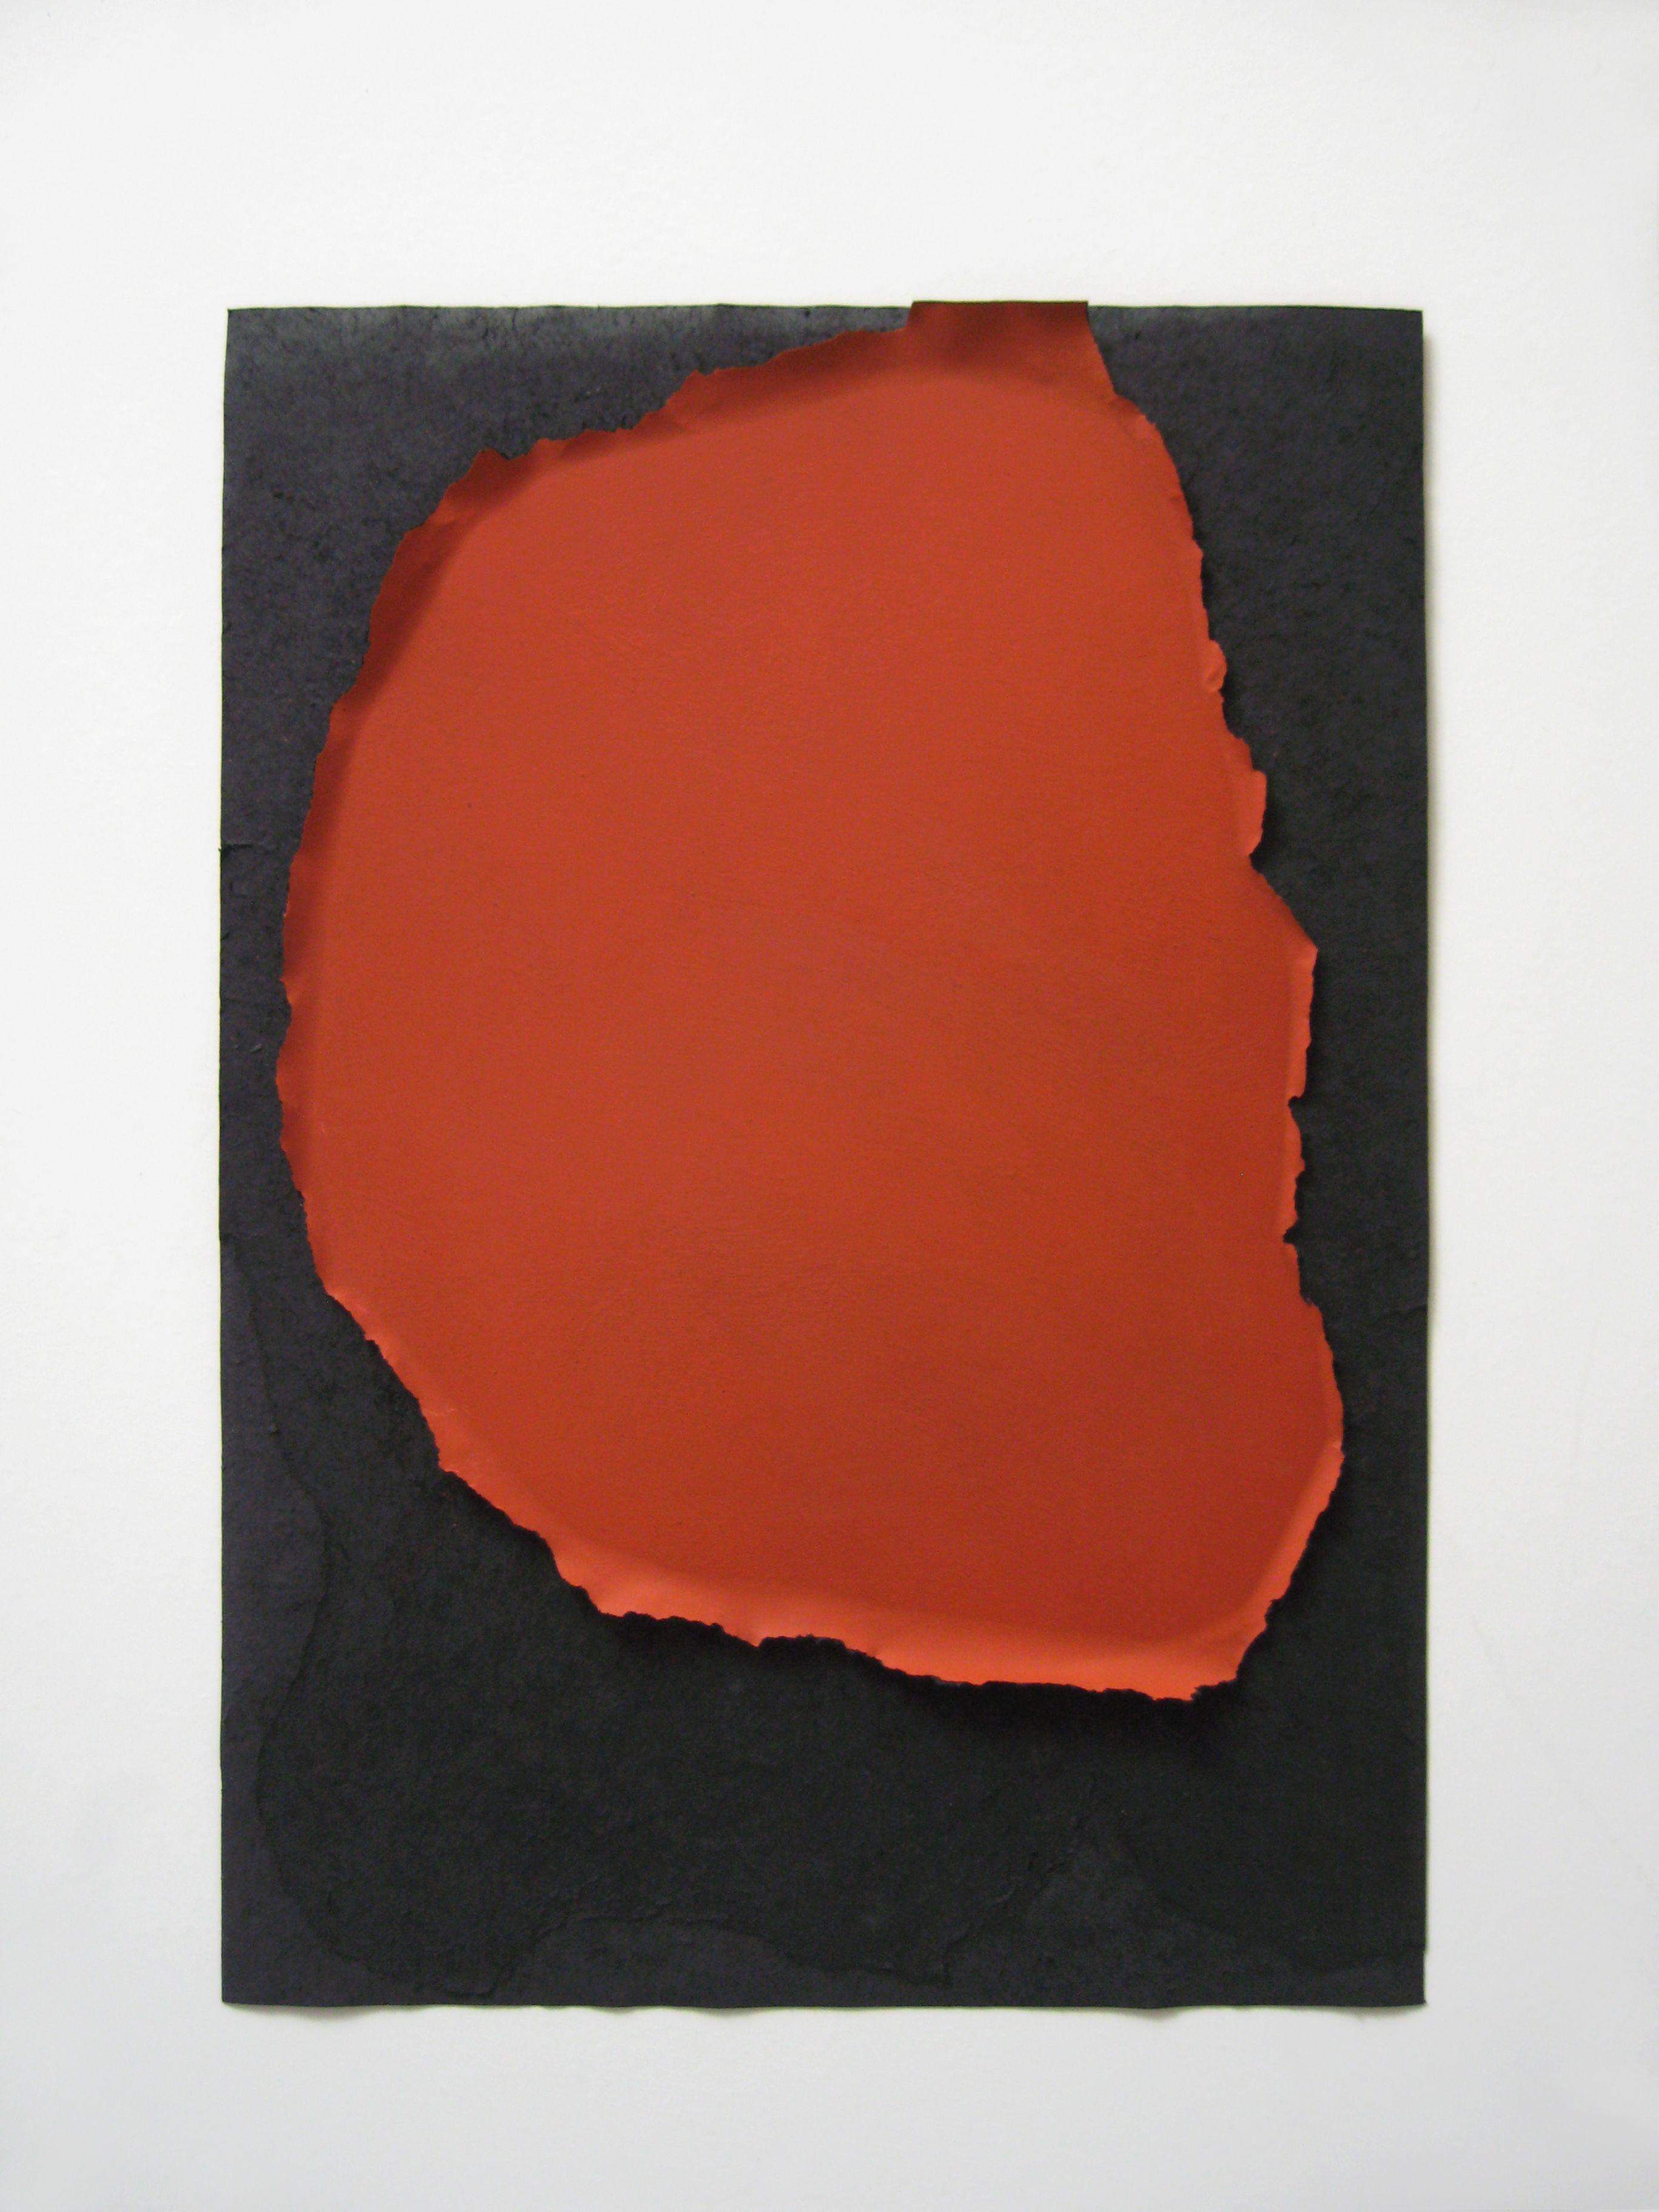 Skin N89, 2015, pittura rossa strappata su carta, 35x50cm. by Carlo Colli - Galleria Poliart Contemporary Sede di Rovereto (TN) - info:  rovereto@galleriapoliart.com